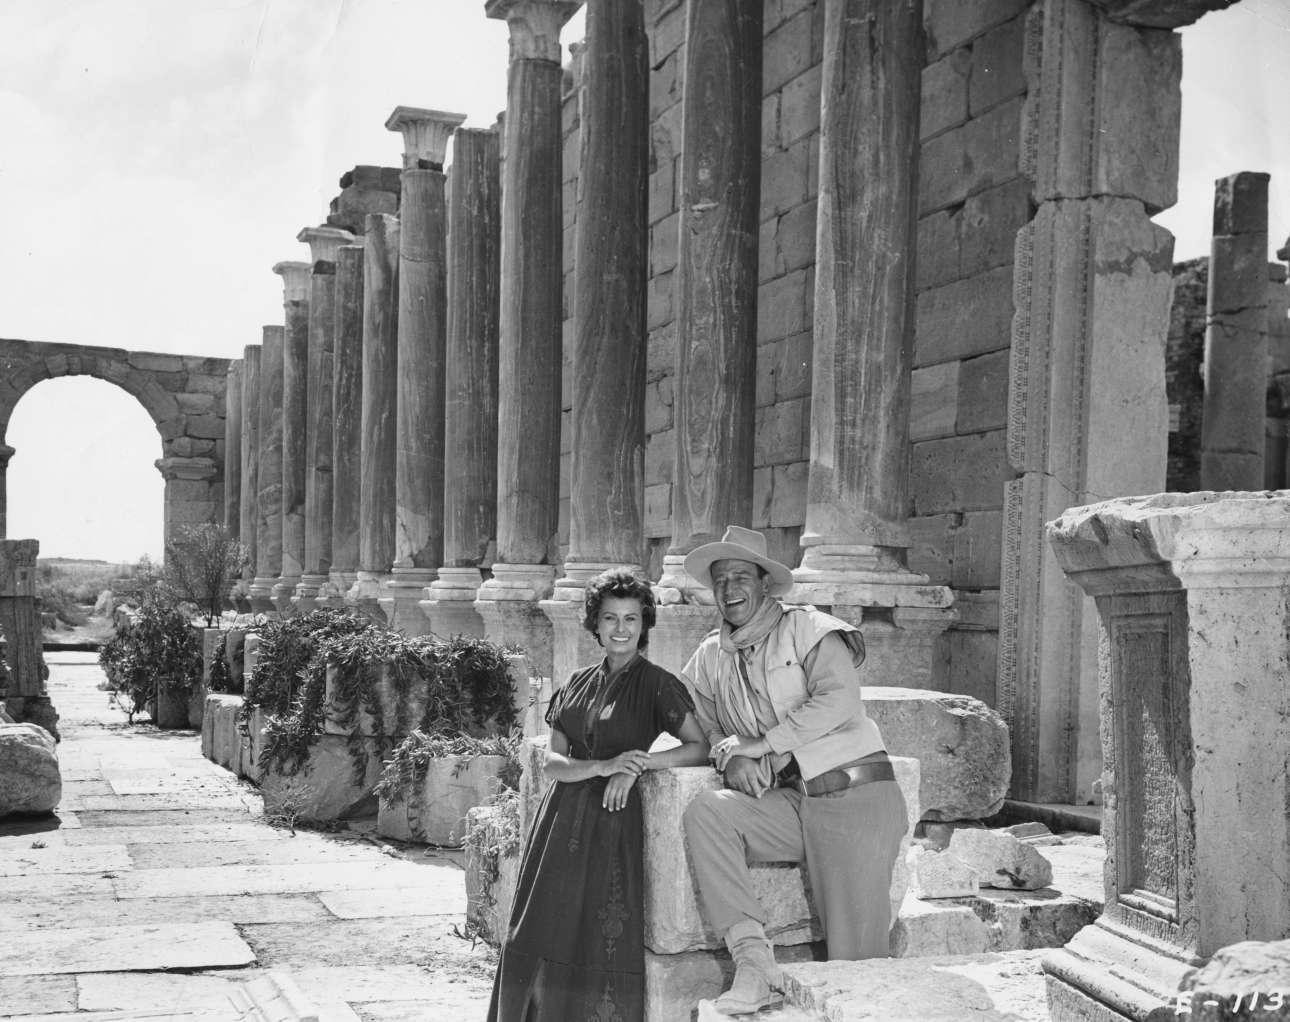 Ρώμη, 1957. Με τον Τζον Γουέιν μέσα στις αρχαιότητες στα γυρίσματα της ερωτικής περιπέτειας «Ο δρόμος των χαμένων εραστών»